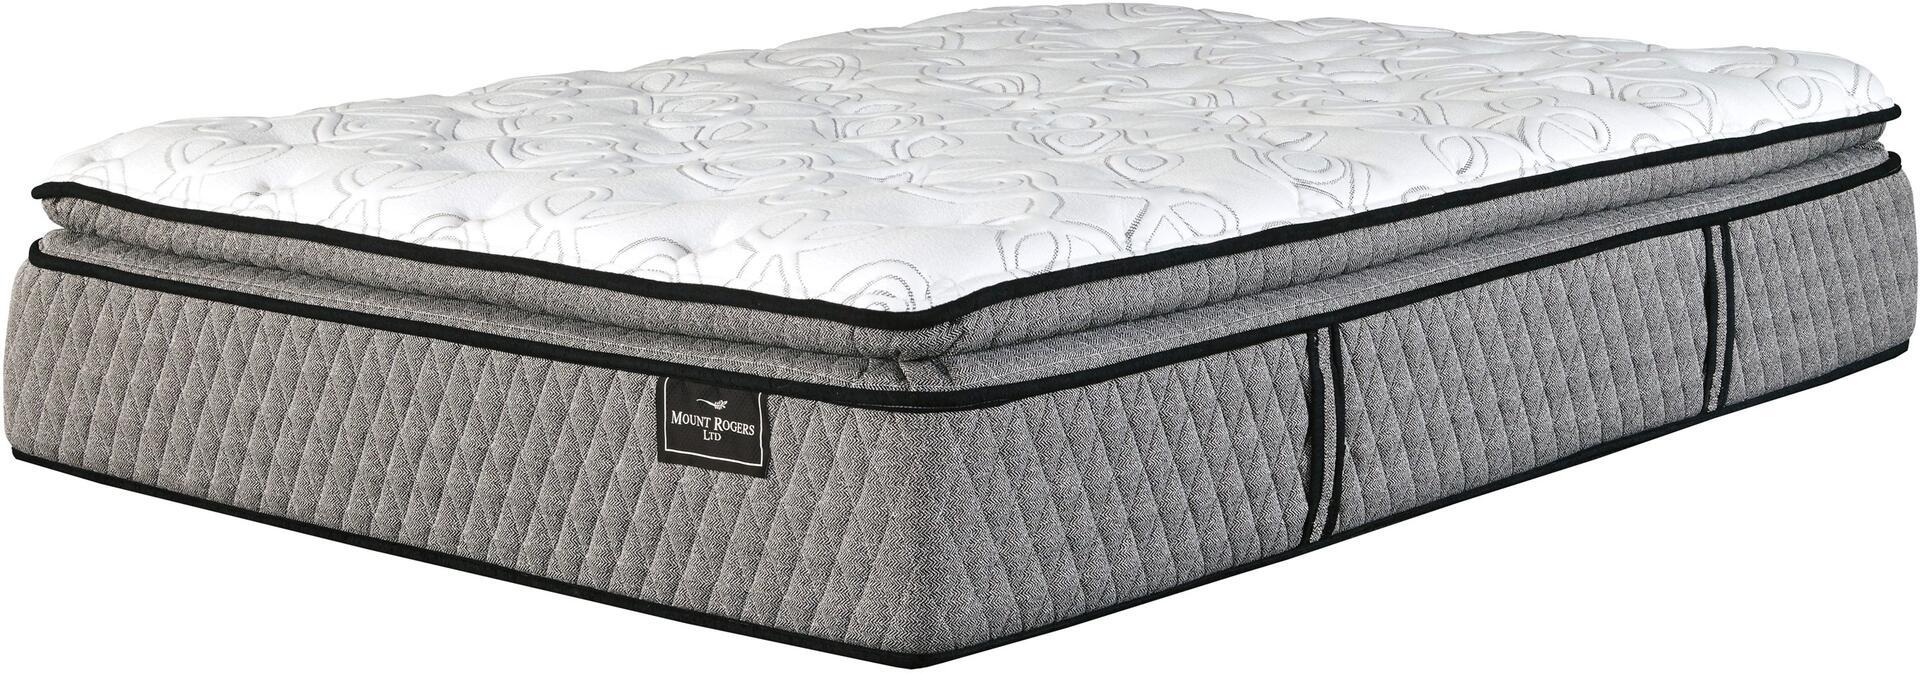 sierrasleep limited edition pillow top ultra plush mattress